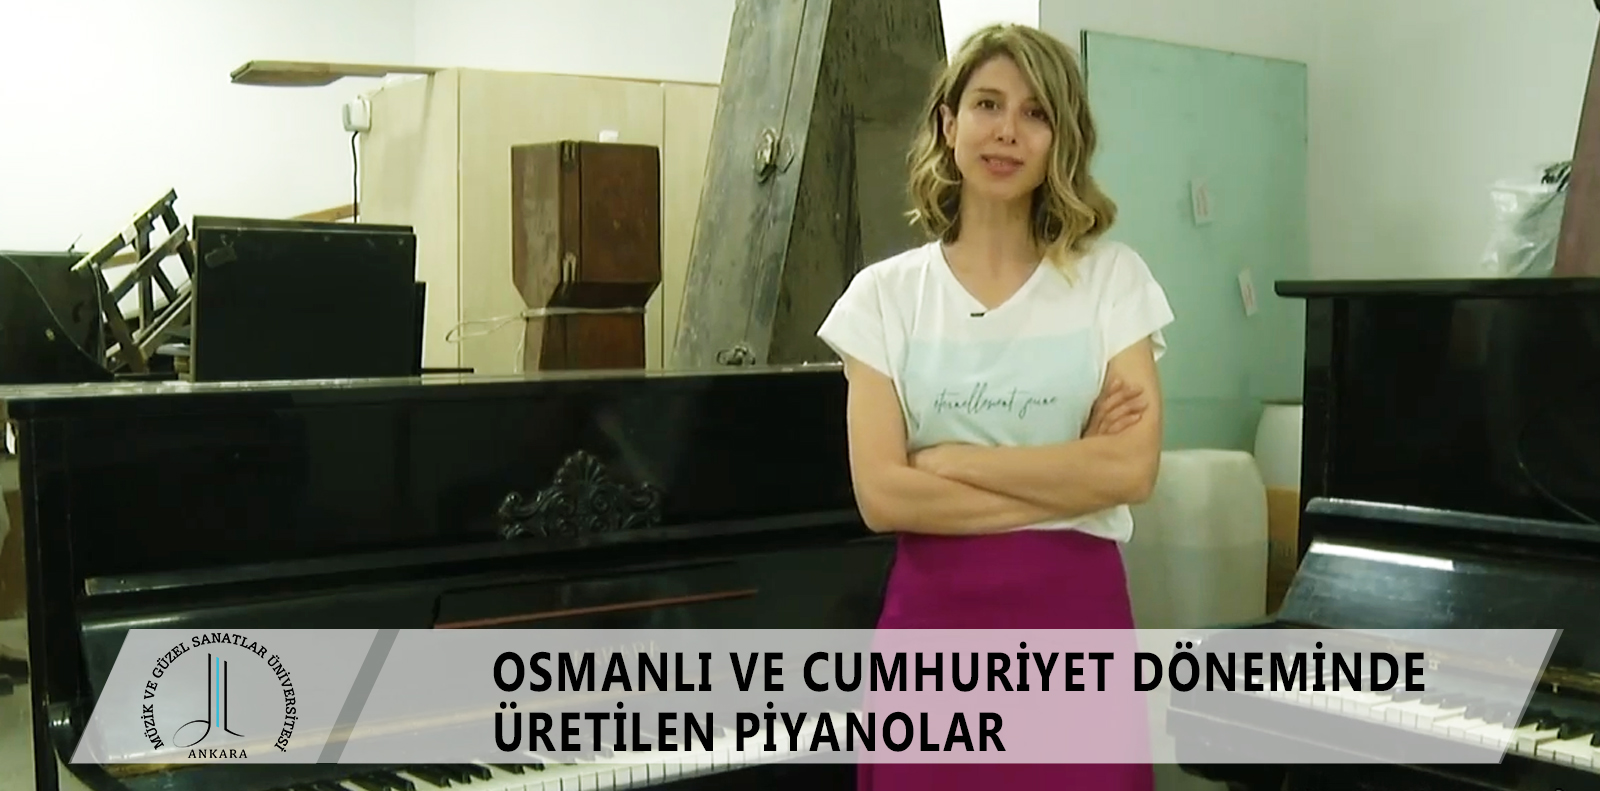 EBA TV OSMANLI VE CUMHURİYET DÖNEMİNDE ÜRETİLEN PİYANOLAR